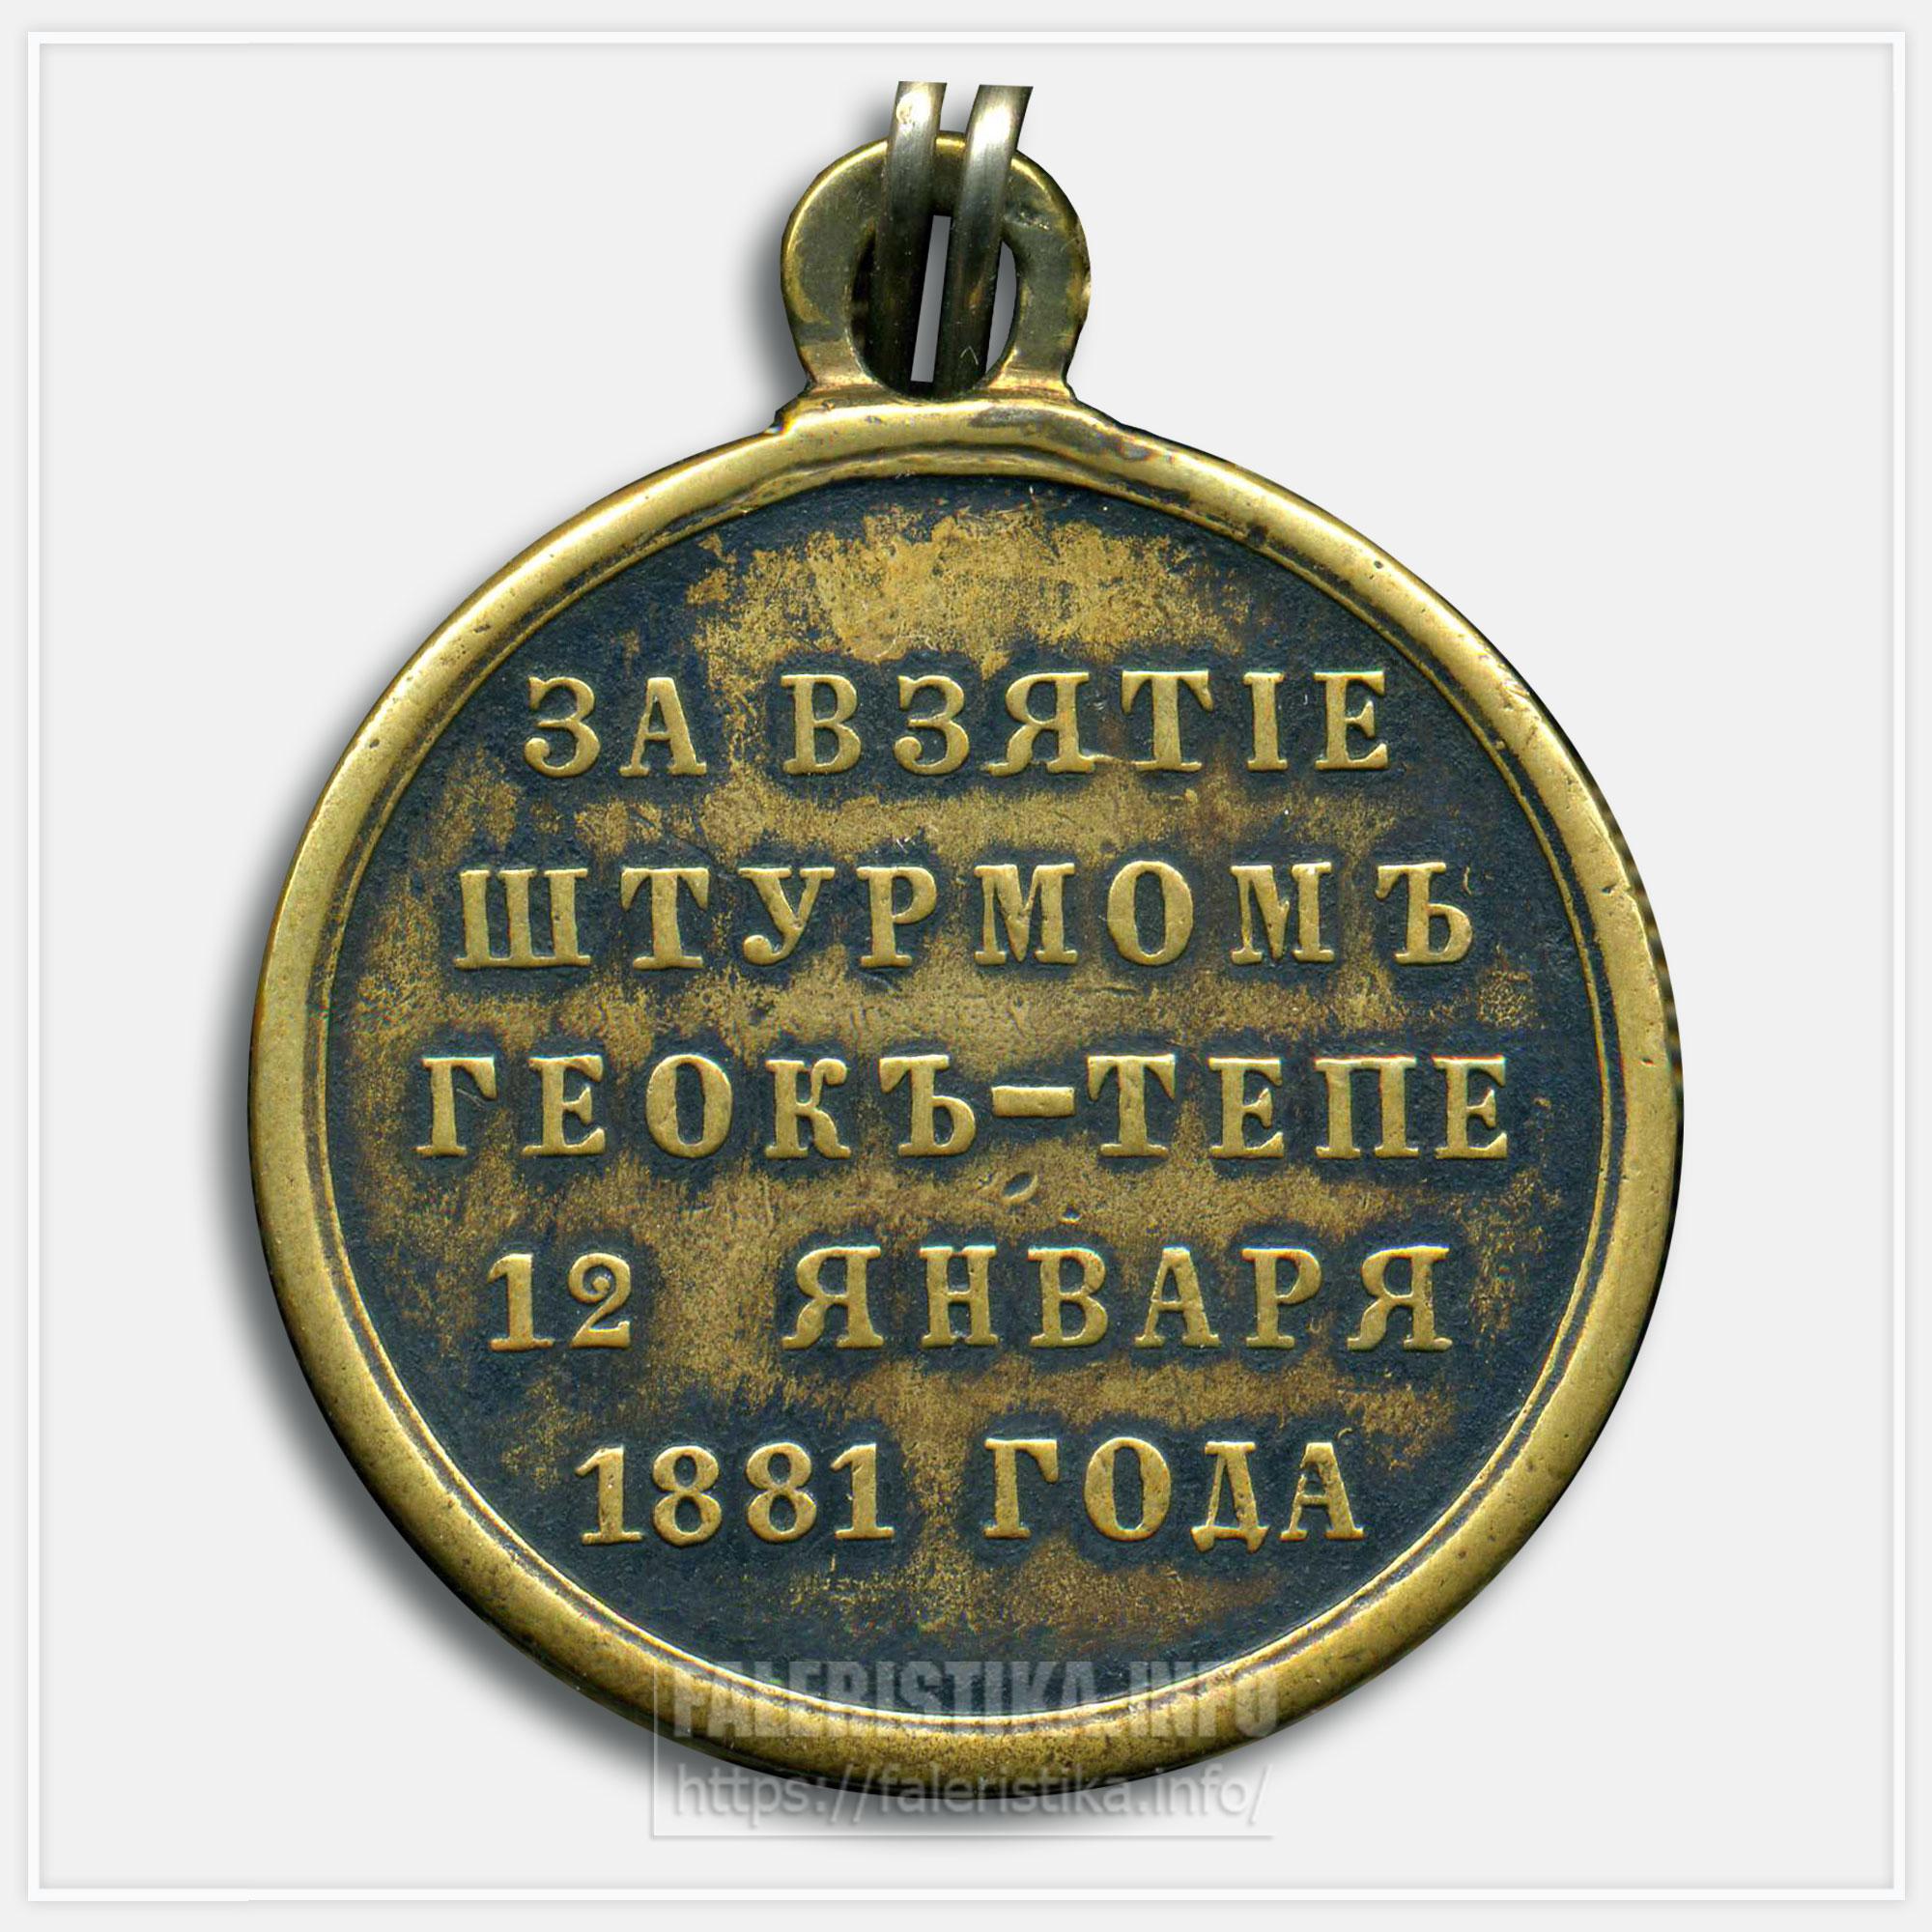 """Медаль """"За взятие штурмом Геок-Тепе 1881"""" (бронза)"""